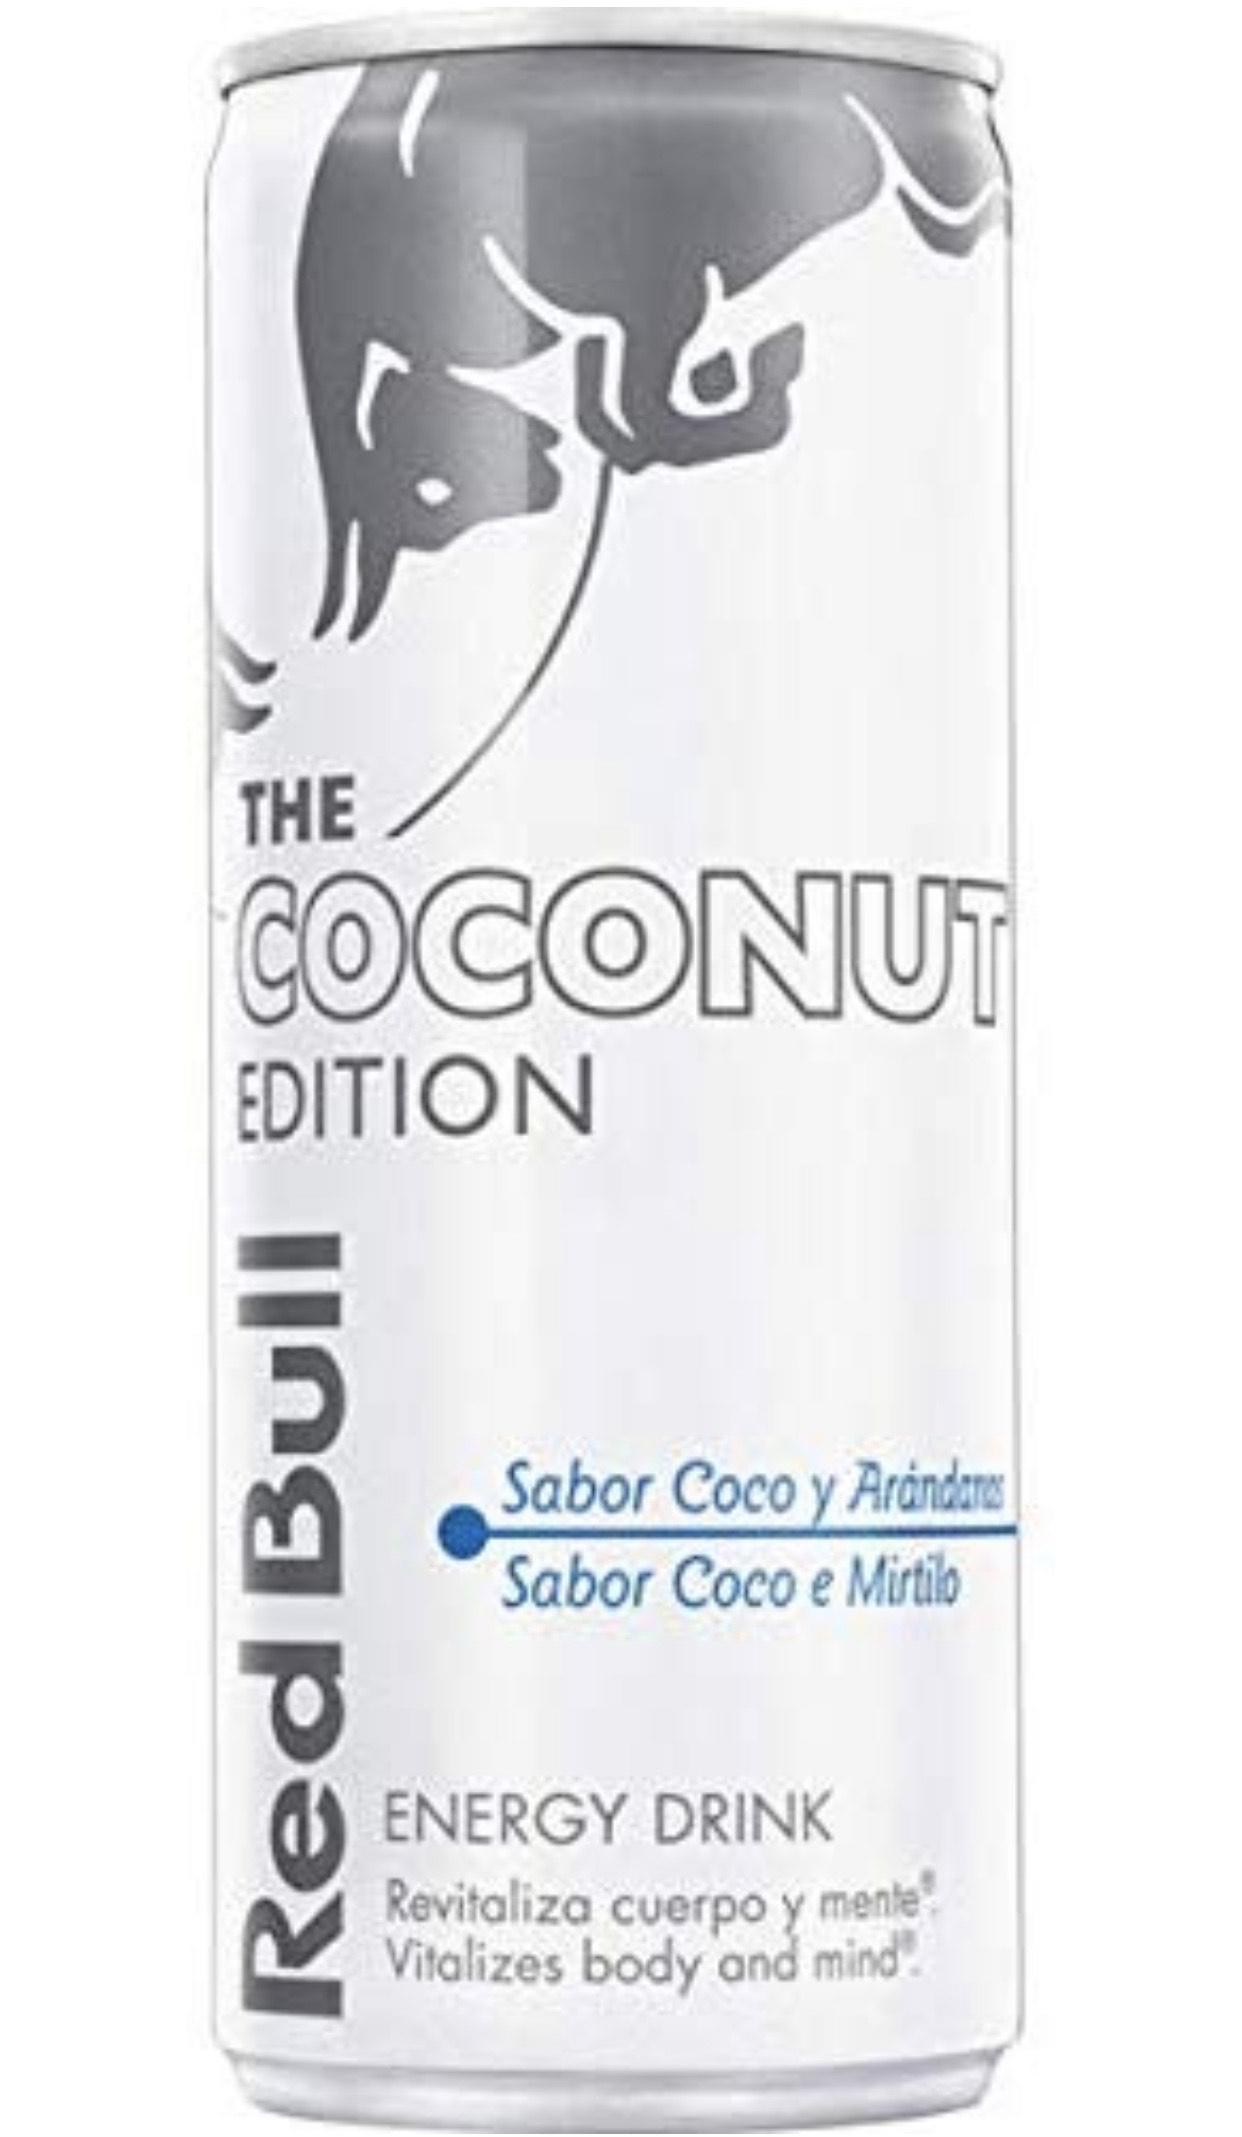 Redbull Coconut Edition